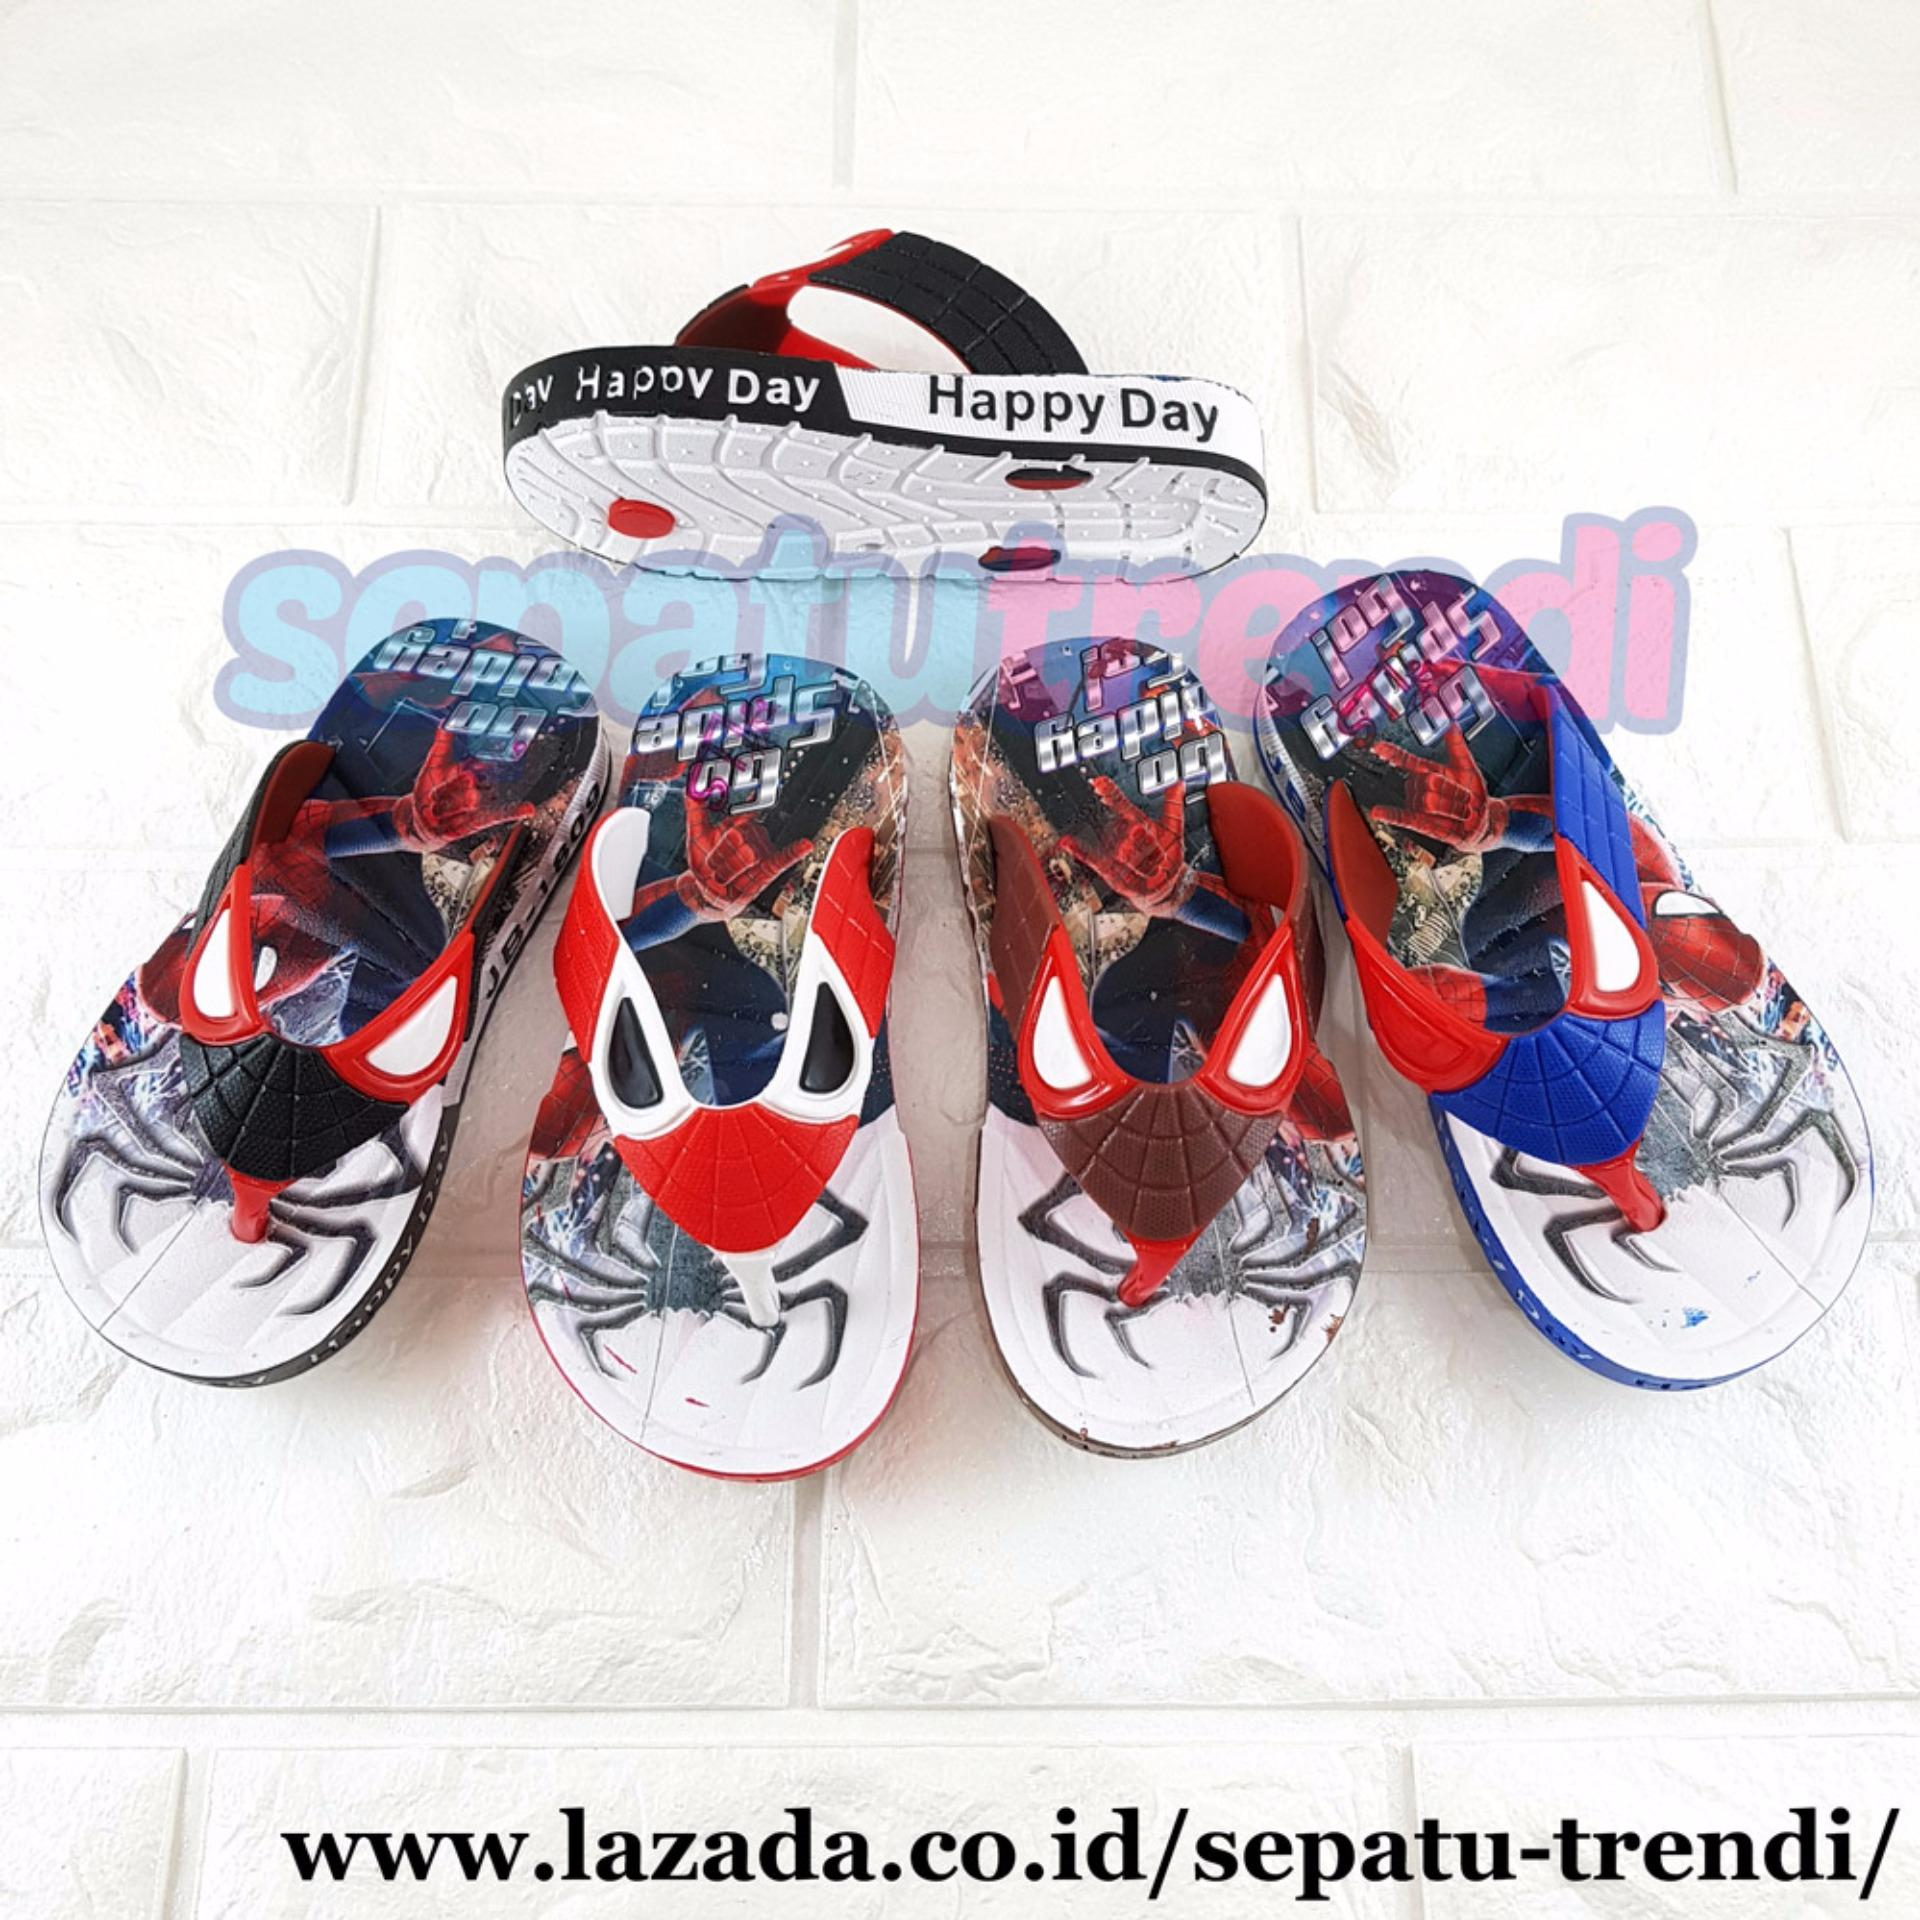 Ardiles Sandal Casual Anak Sebastian Tg Biru Ukuran 33 37 Daftar Roberto Sepatu Trendi Laki Karet Warna Dikirim Random Spkr